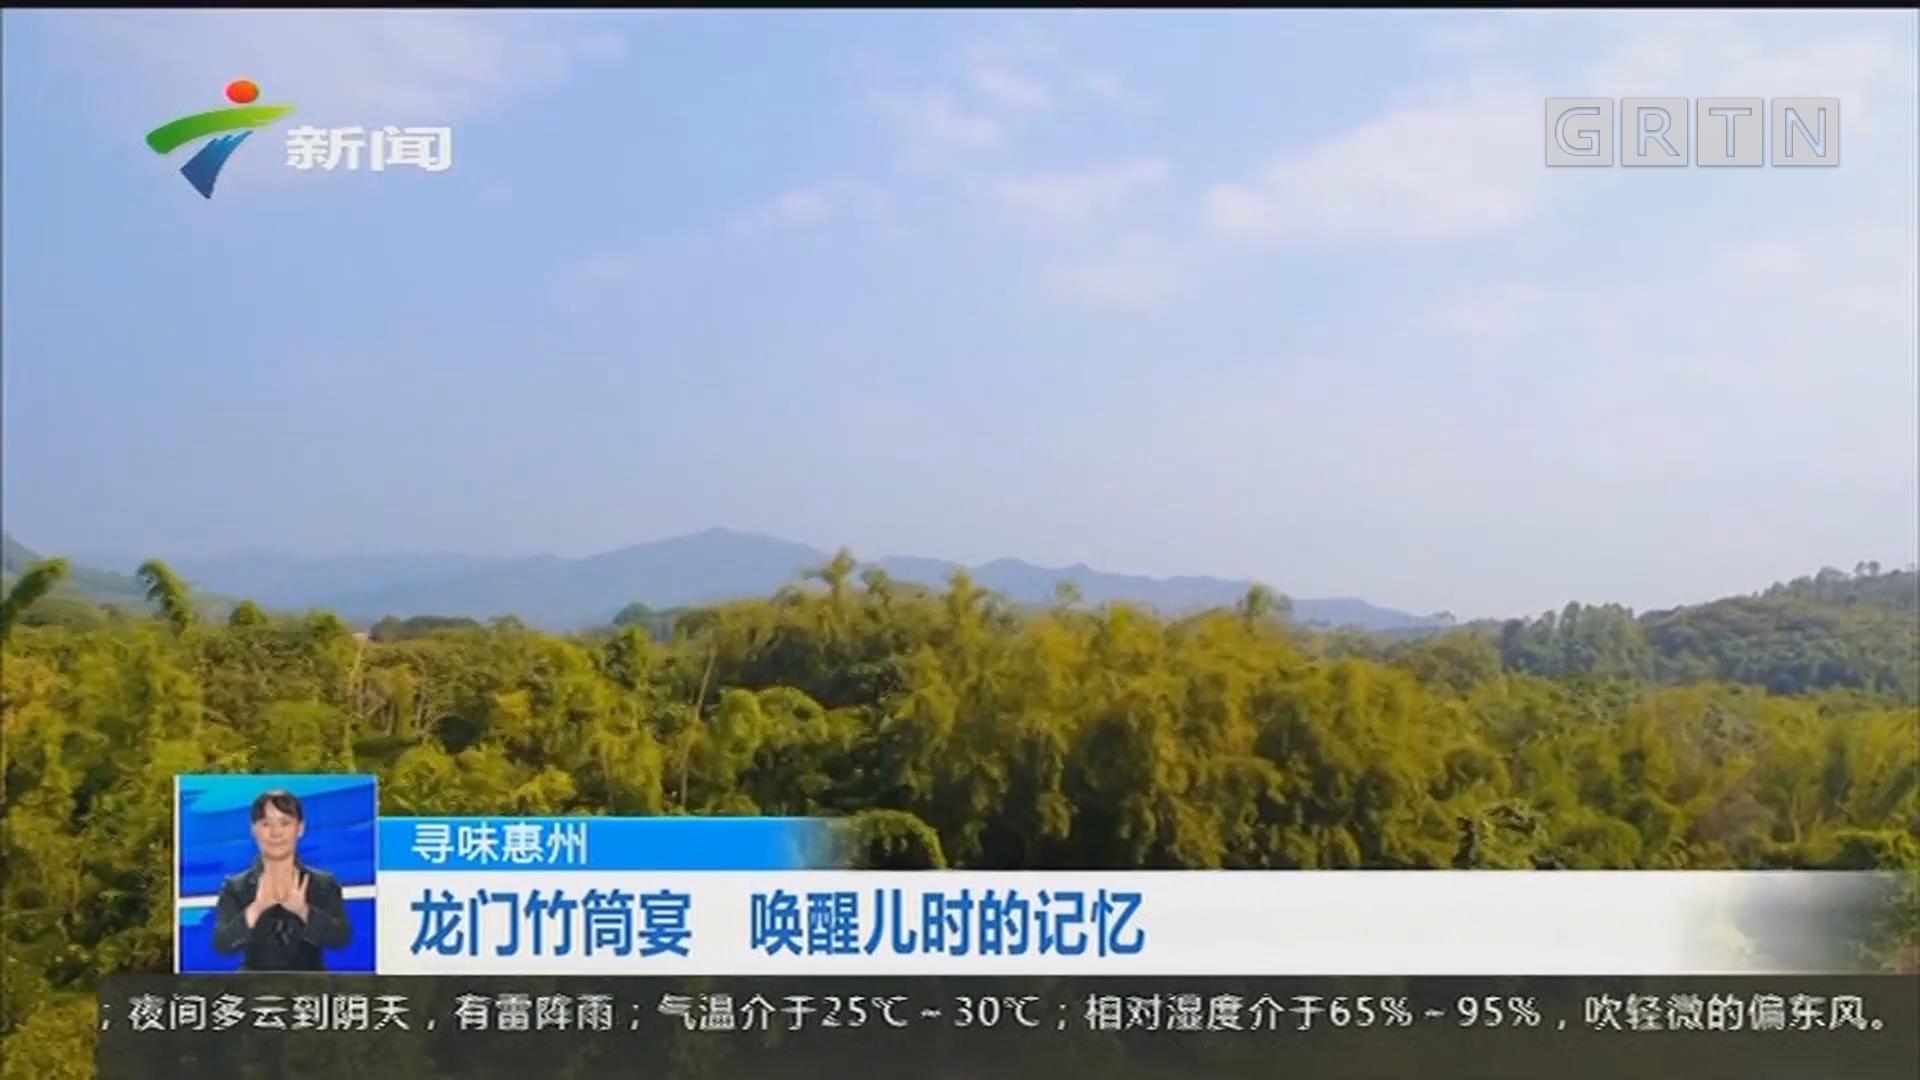 寻味惠州:龙门竹筒宴 唤醒儿时的记忆